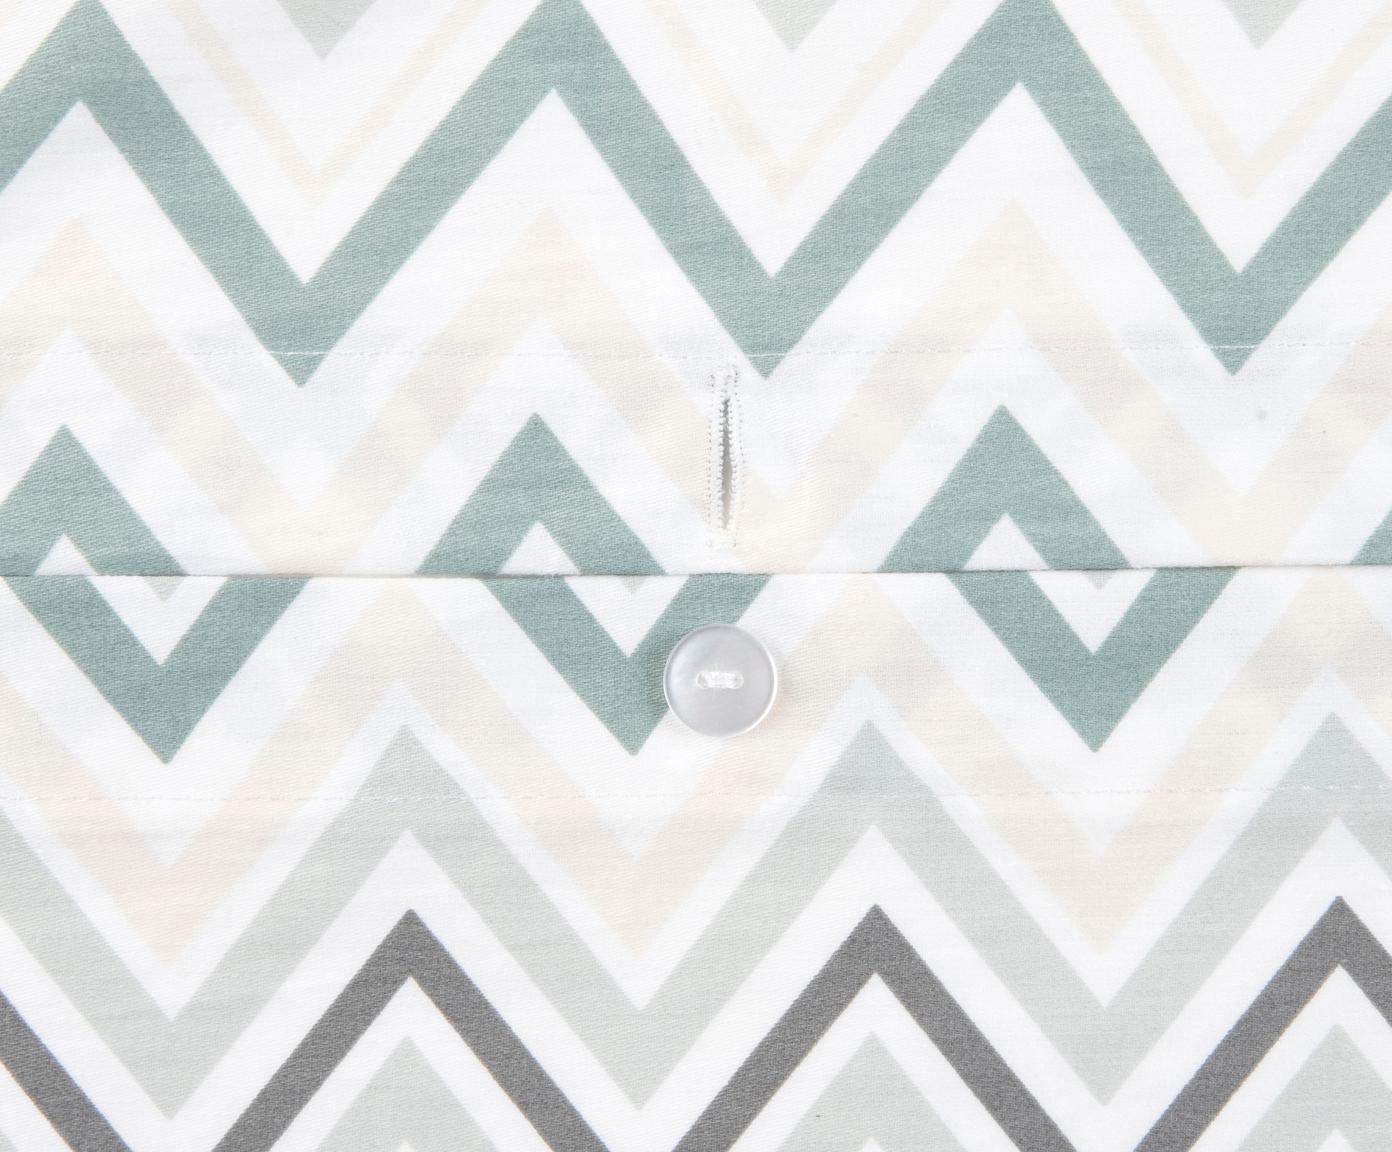 Baumwollsatin-Bettwäsche Maui mit Zickzack-Muster, Webart: Satin Fadendichte 200 TC,, Weiß, Grün, 240 x 220 cm + 2 Kissen 80 x 80 cm